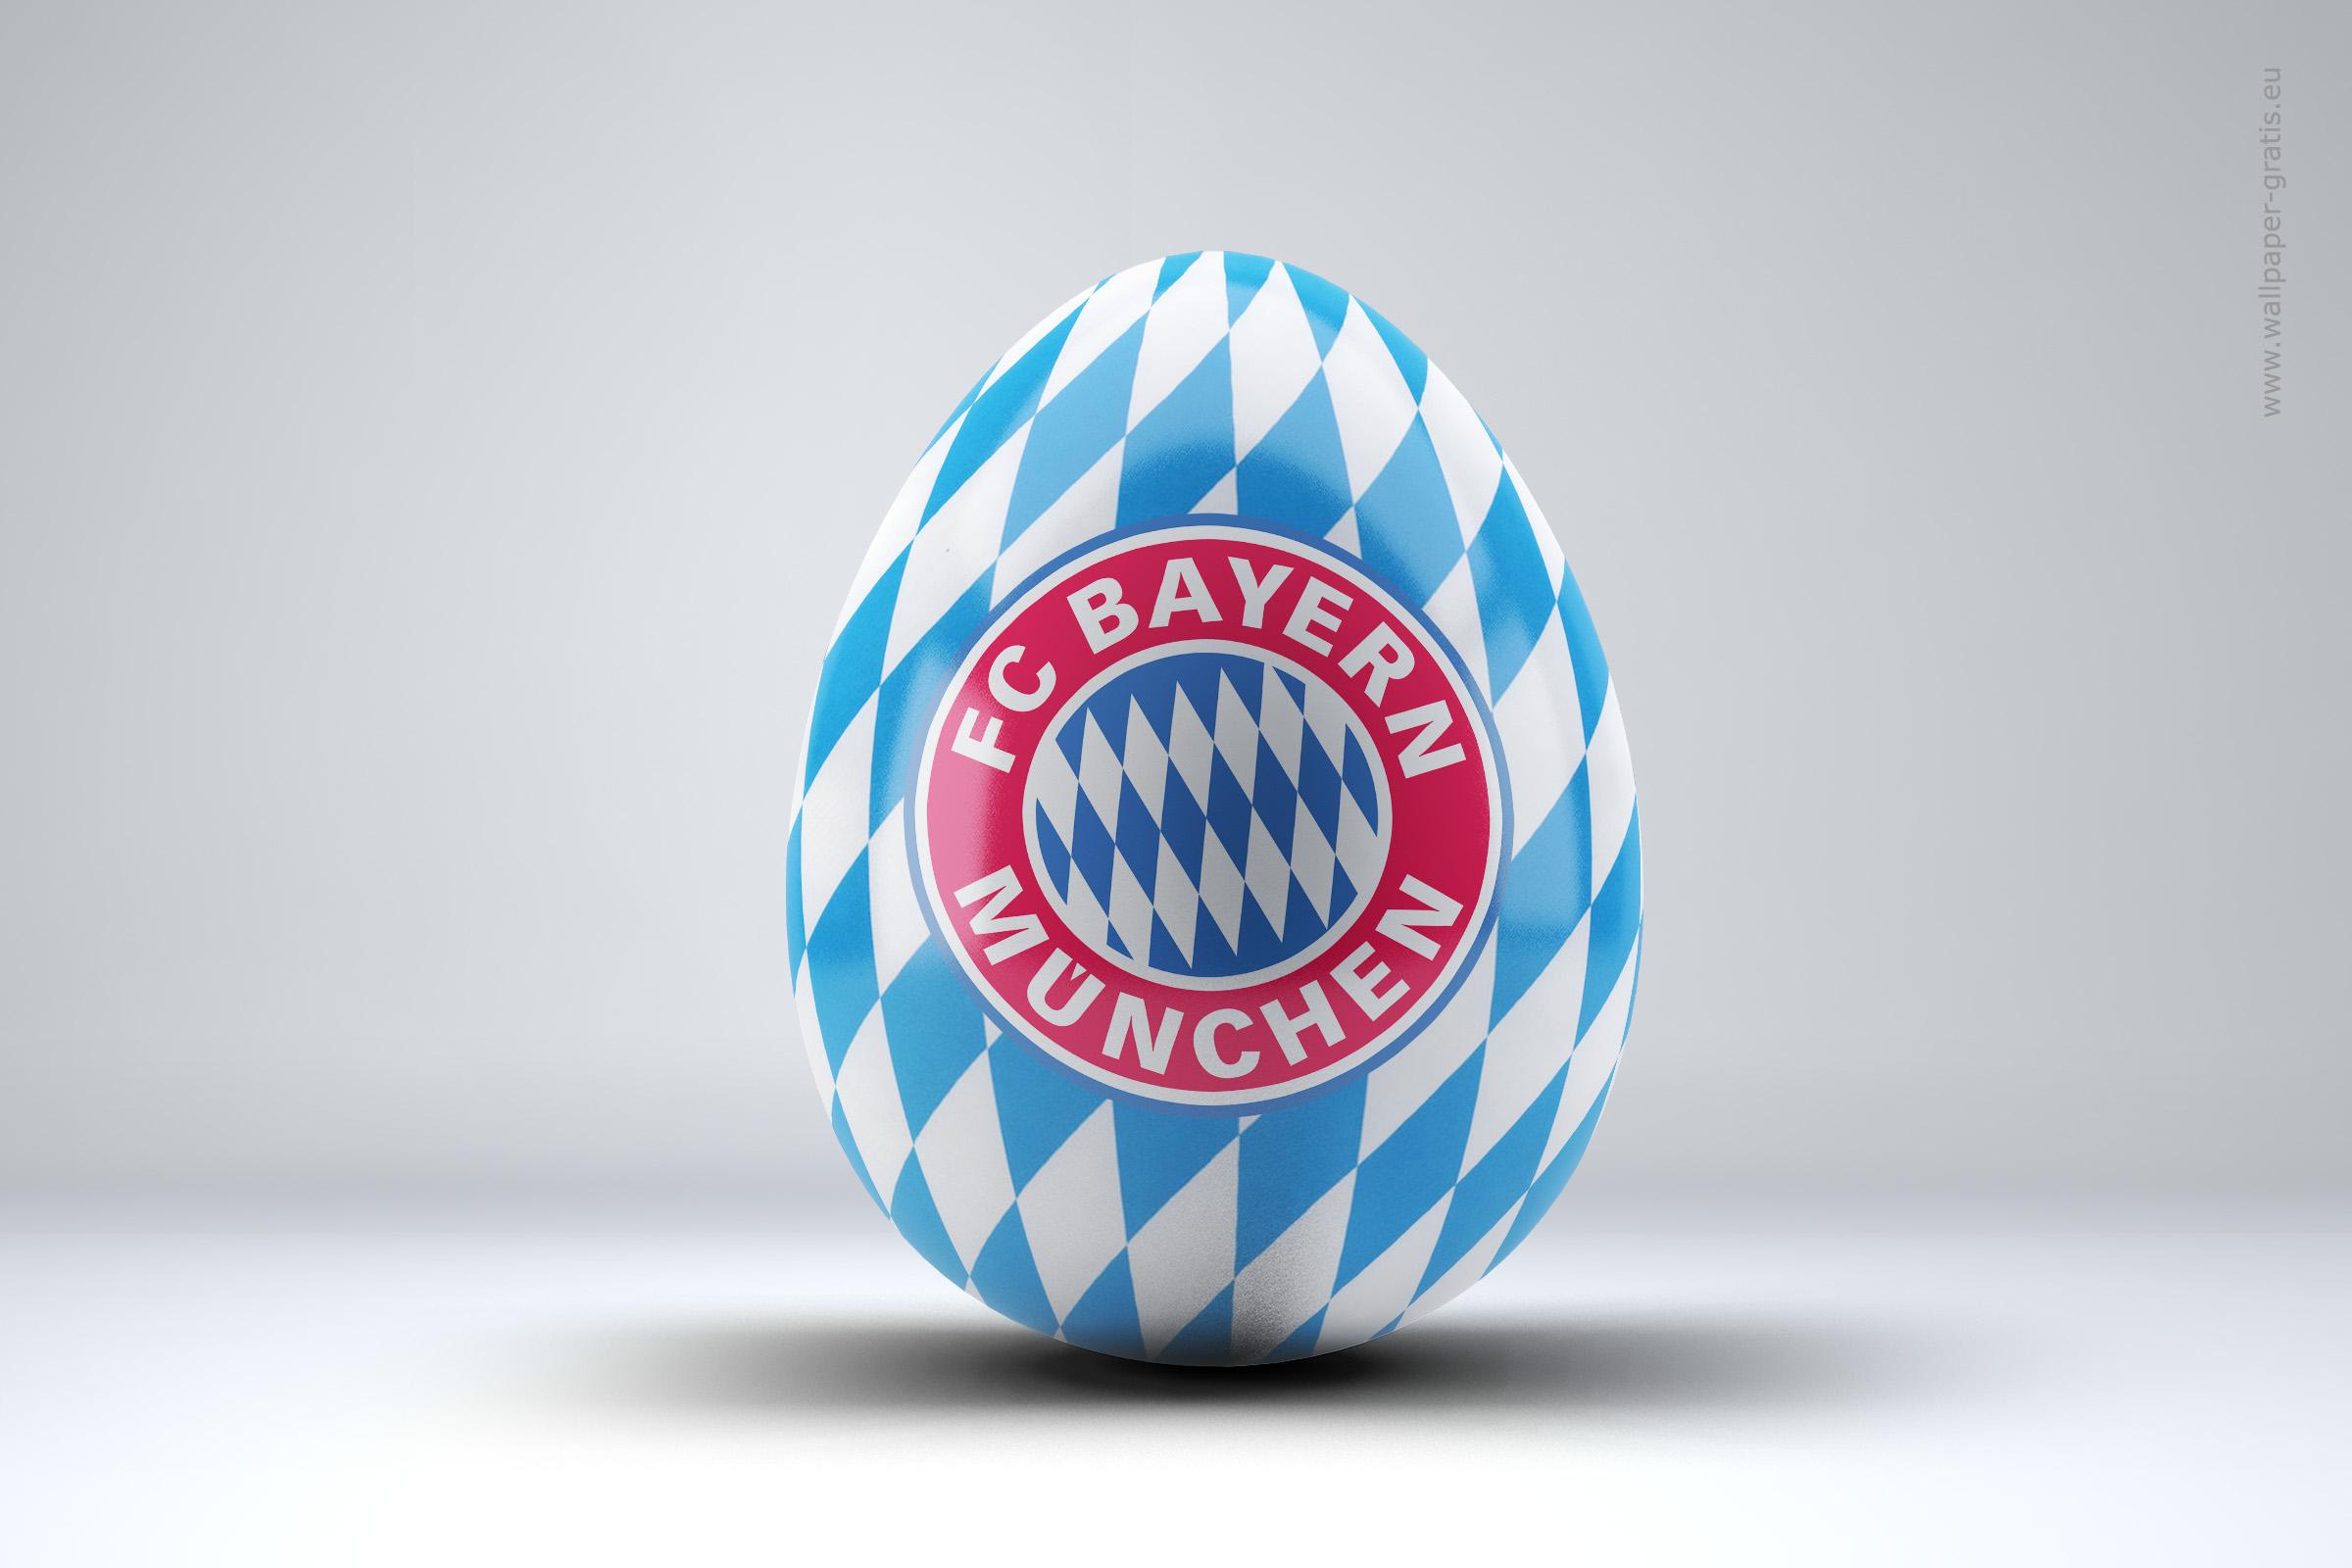 Fc Bayern Munchen Bilder